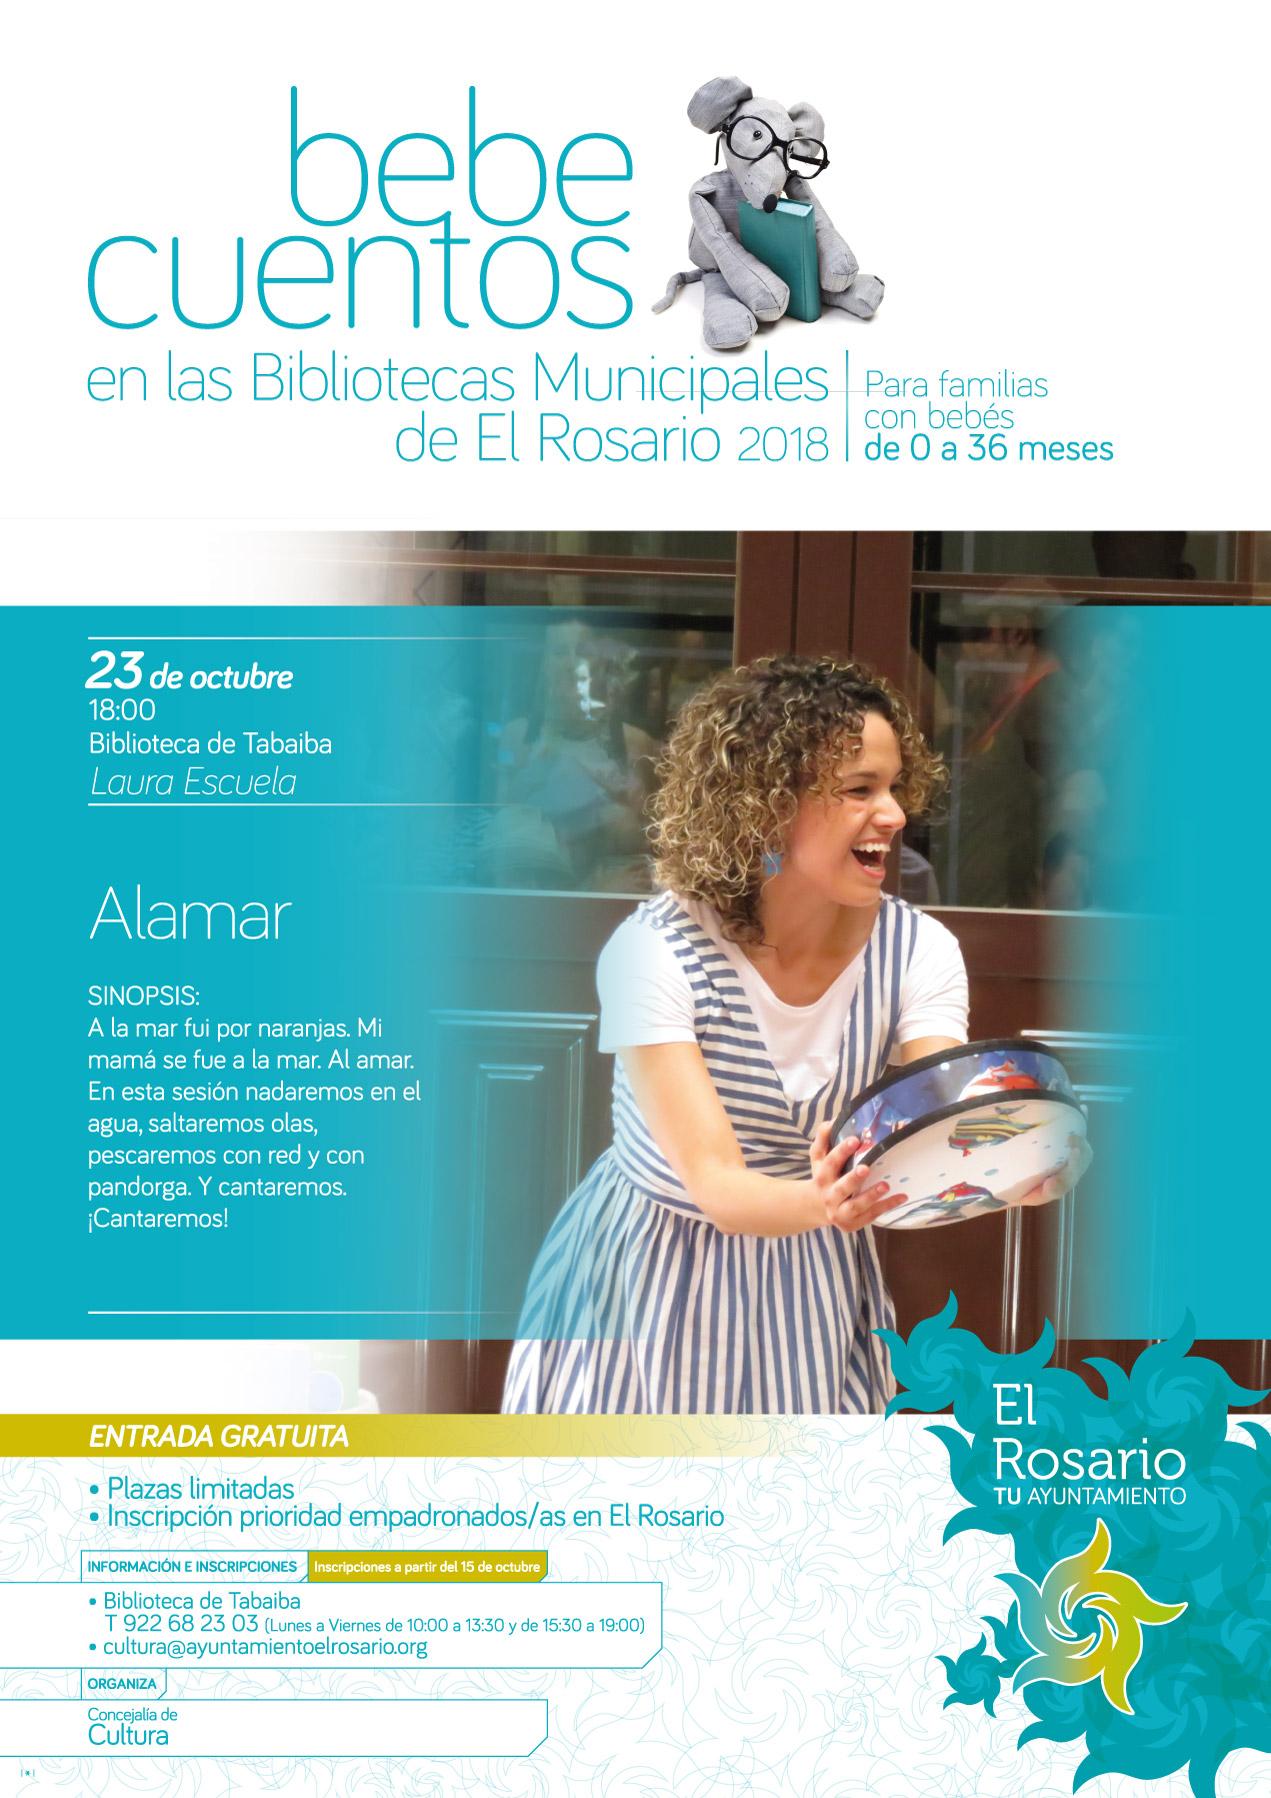 BEBECUENTOS-Laura Escuela